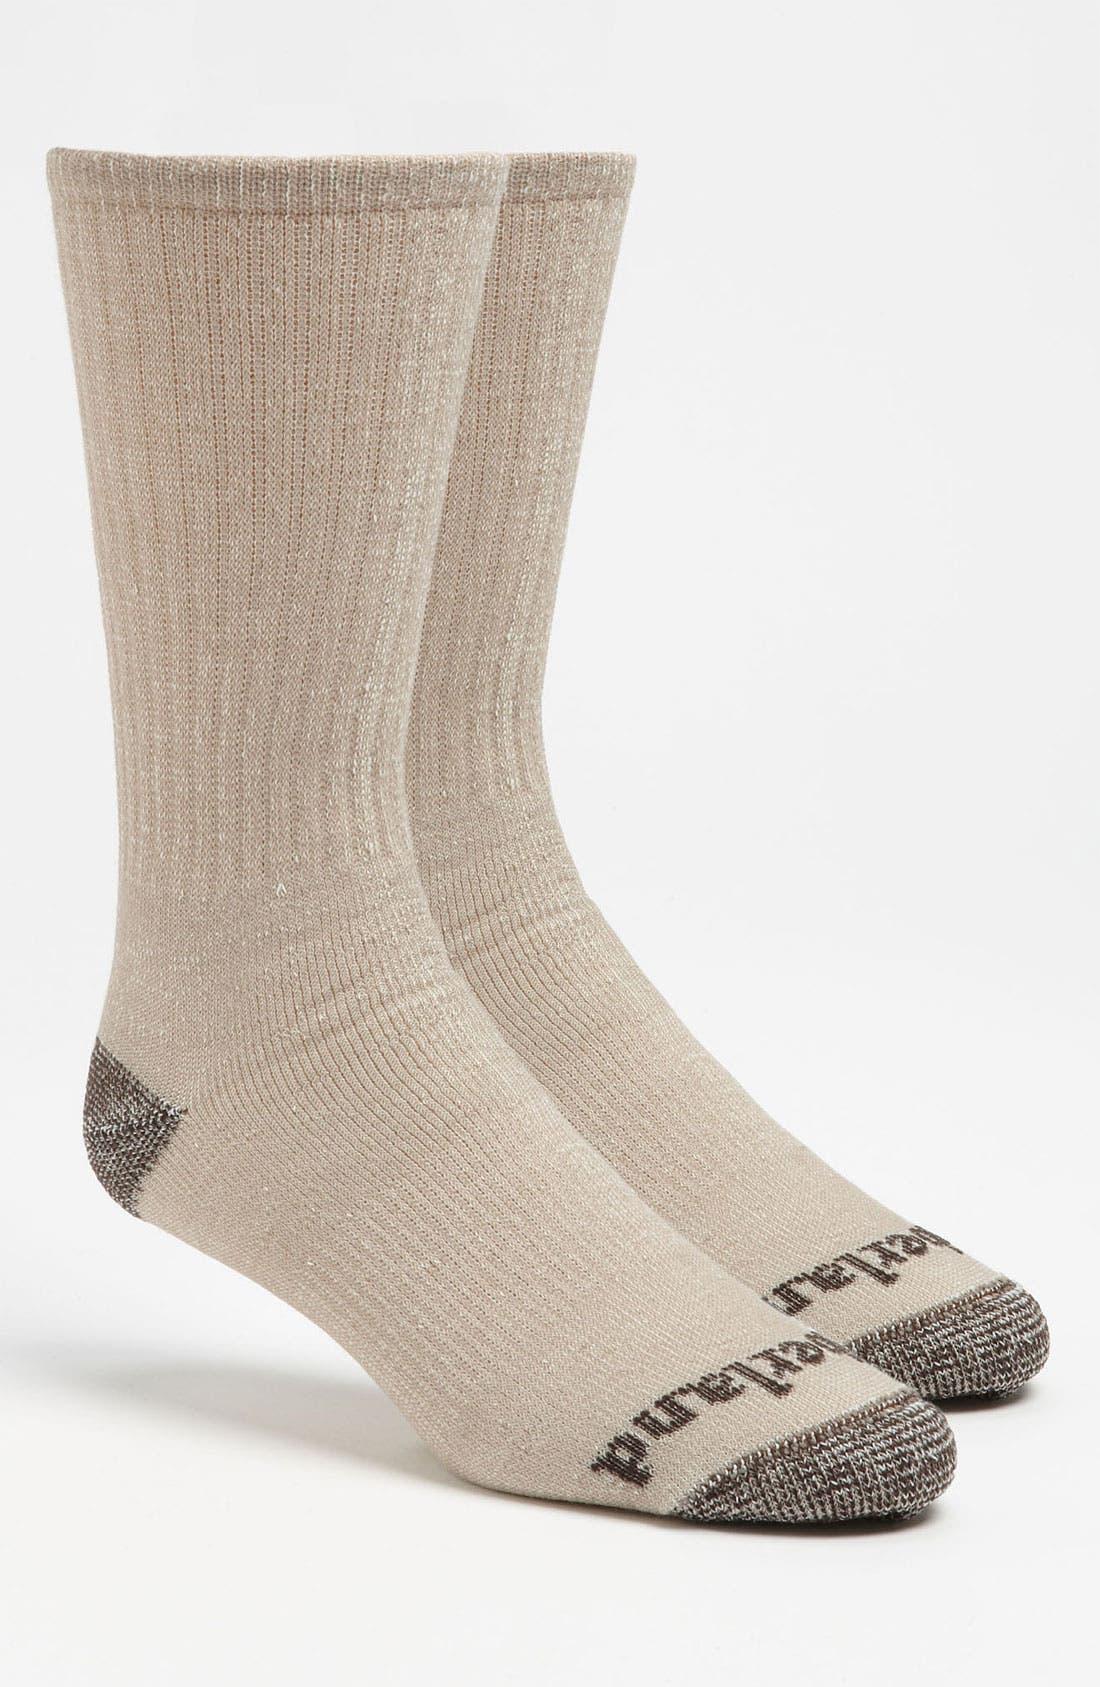 Main Image - Timberland Lightweight Merino Wool Blend Crew Socks (2-Pack)